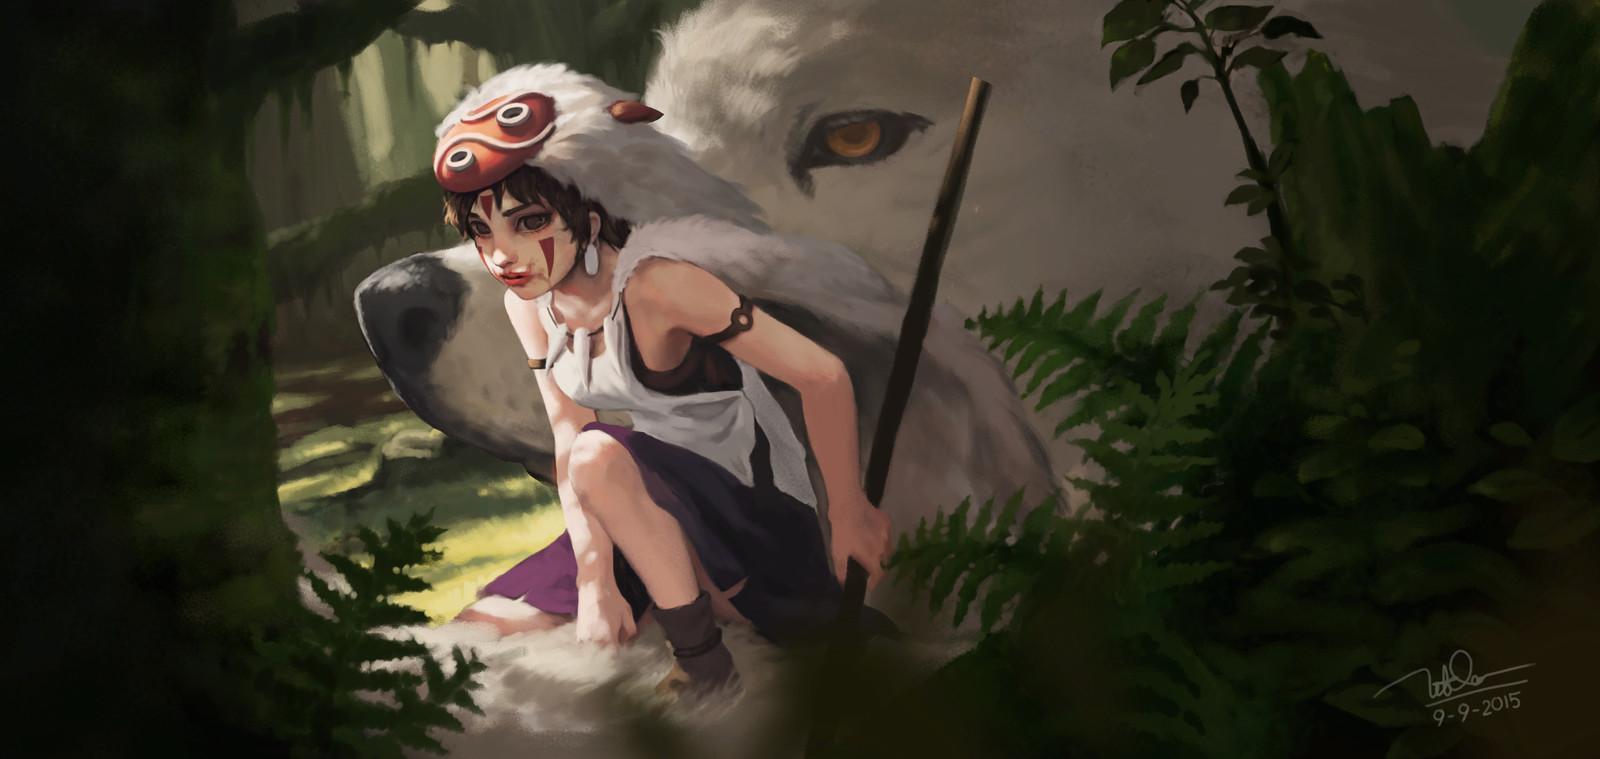 mononoke princess